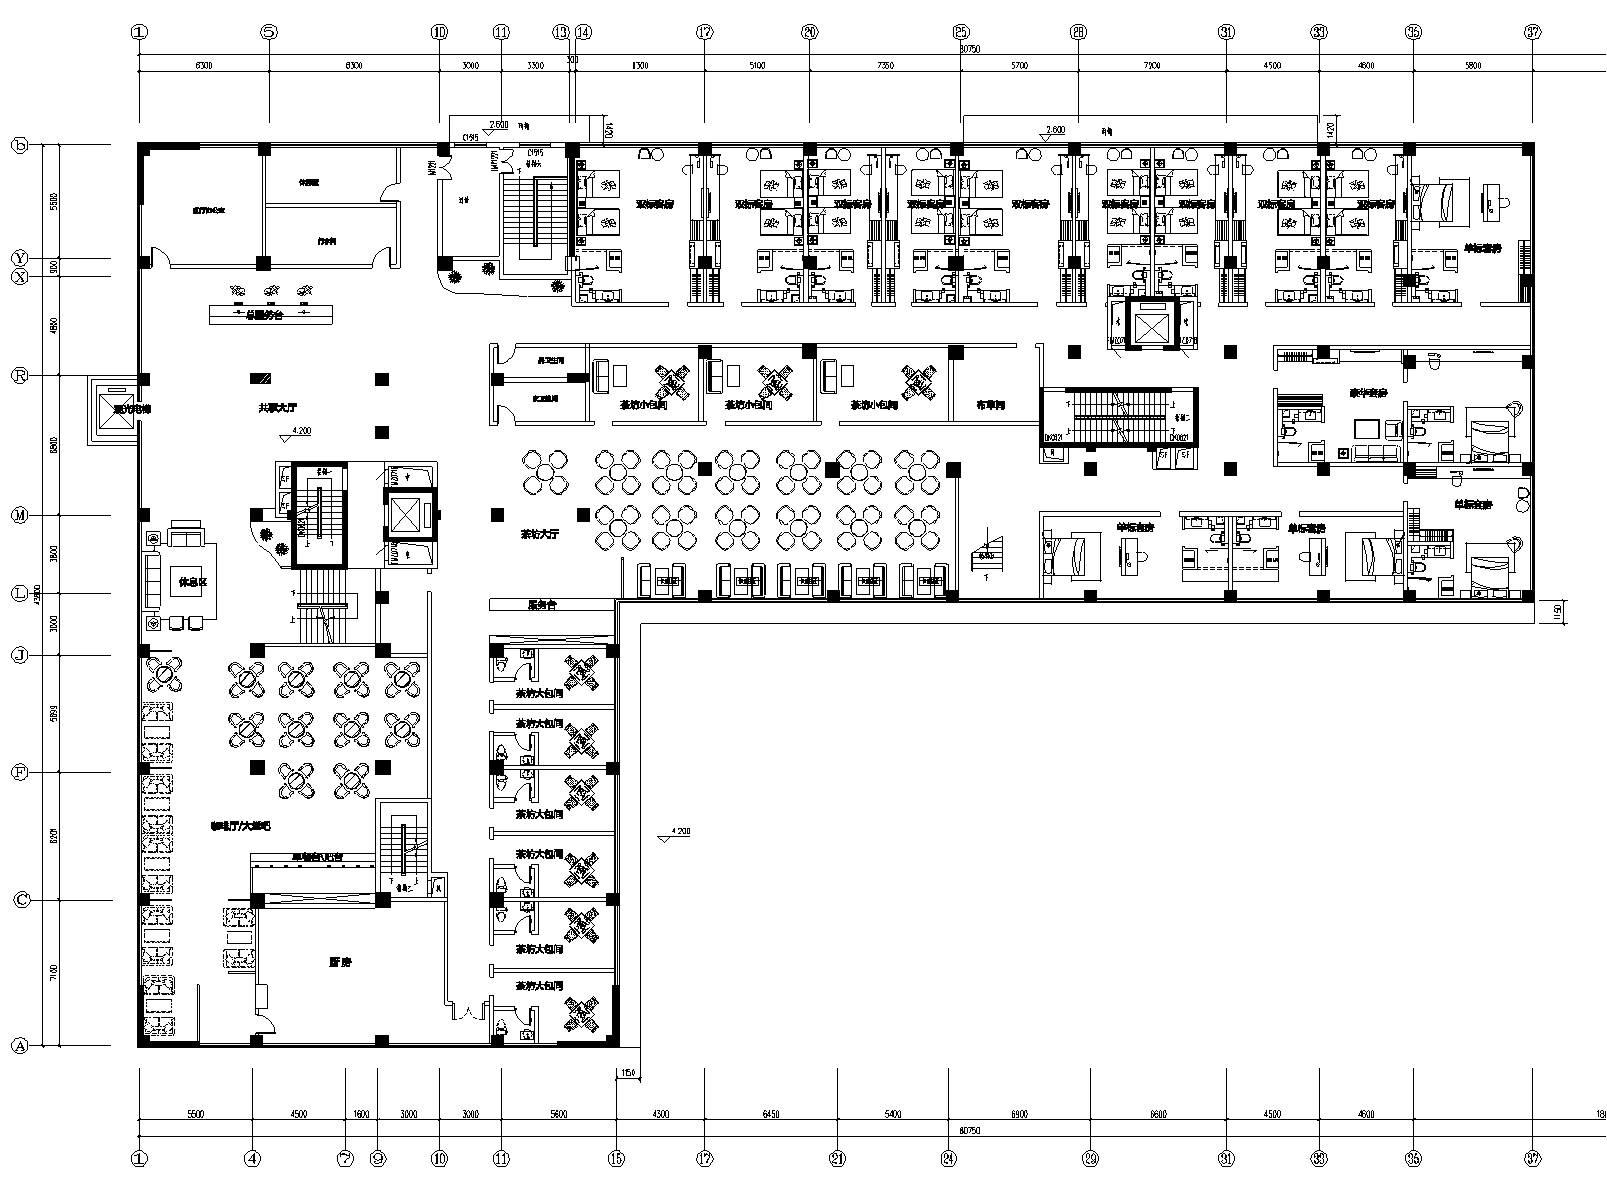 本项目位于达州市通川区朝办皂角垭社区二组 项目周边物业市场分析: 一、项目周边1公里范围内已建、在建楼盘,区域内有三十万多人口有消费需求。仁和春天、红星美凯龙多个楼盘入驻。 二、交通便利:火车站、西客站、飞机场不过十来分钟车程。本项目还濒临金龙大道主干道。 本项目属东华农贸市场综合楼A、B栋二楼,有电梯直达二楼(不影响一楼)。 二楼层高6米,单层建筑面积2025,可作两层经营。 适合经营:酒店、大型餐饮、医院、培训学校、大型服装城、茶楼、酒吧和会所等项目。 现提供酒店方案如下: 项目概况: 地址:东华